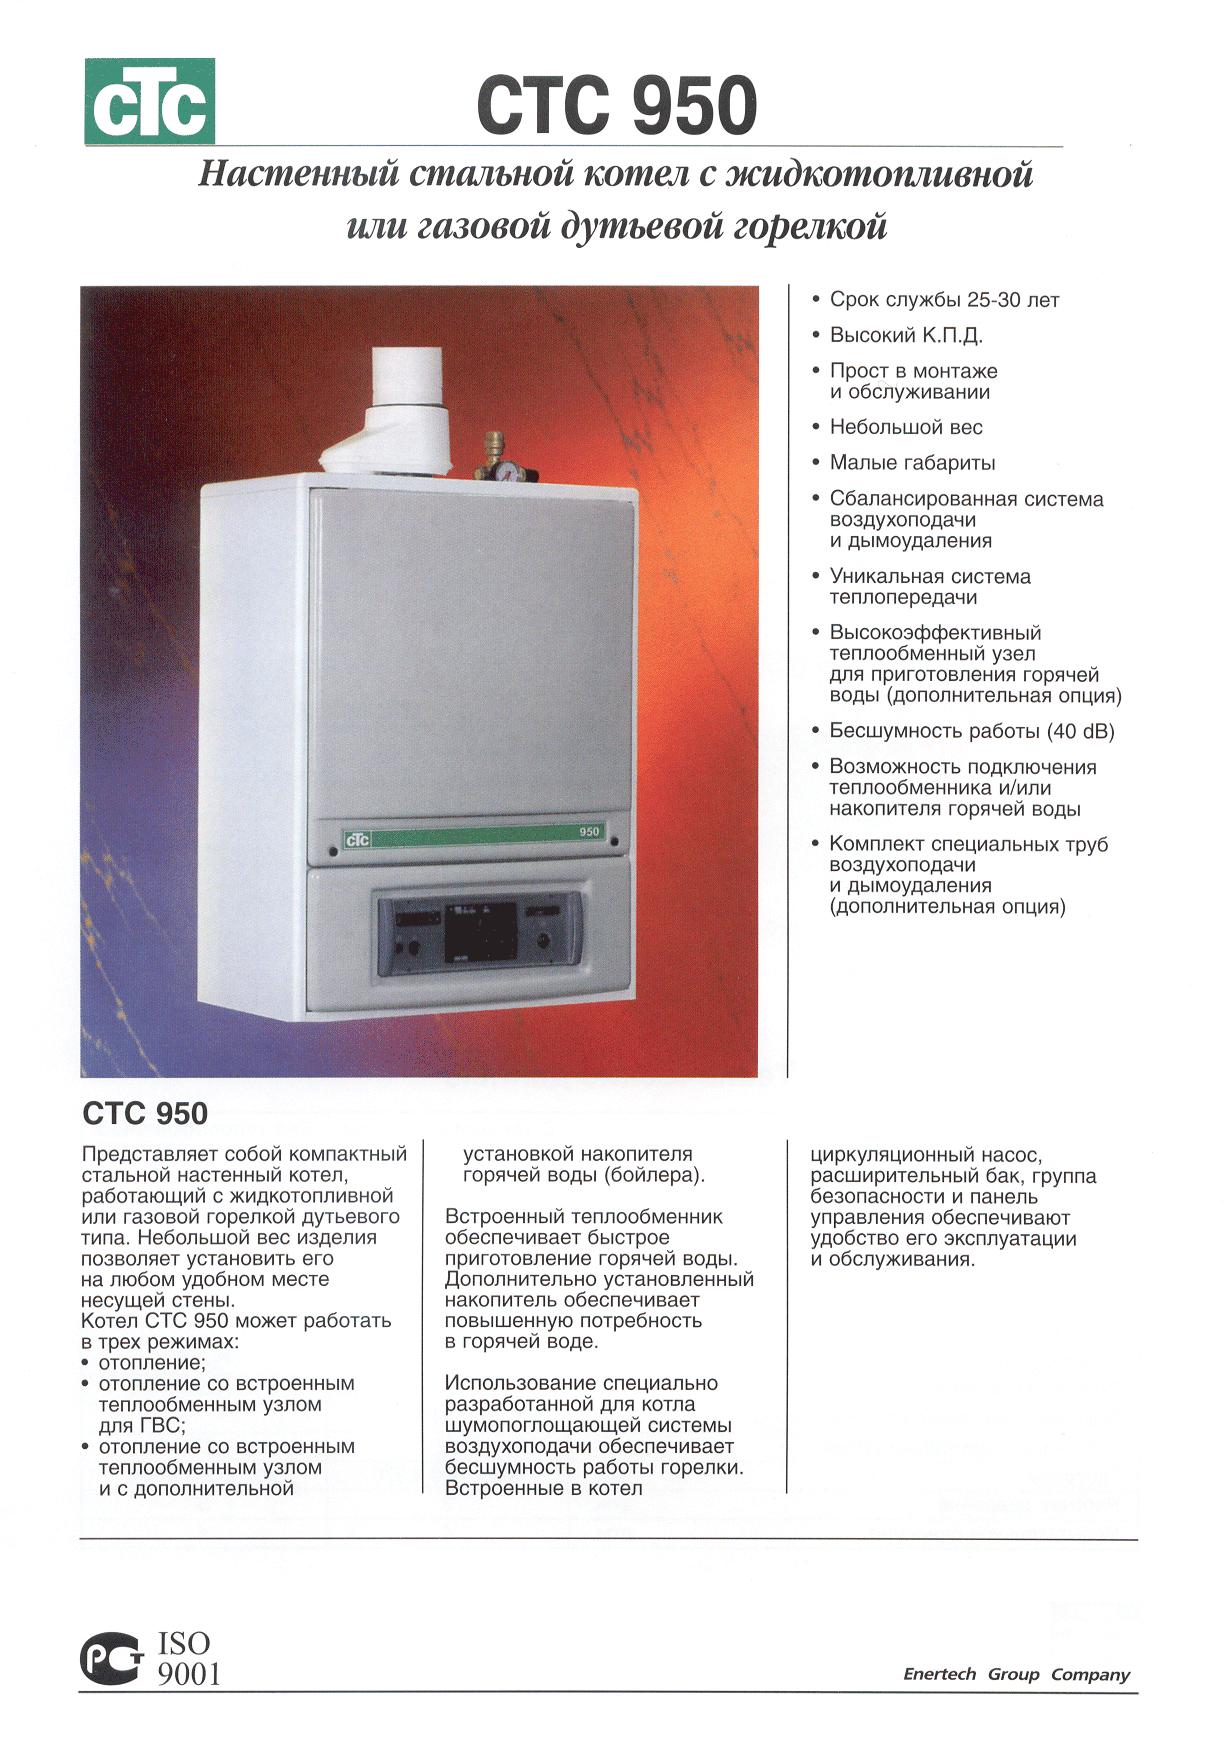 Котел стс не рaботaет теплообменник принцип работы клапана теплообменника